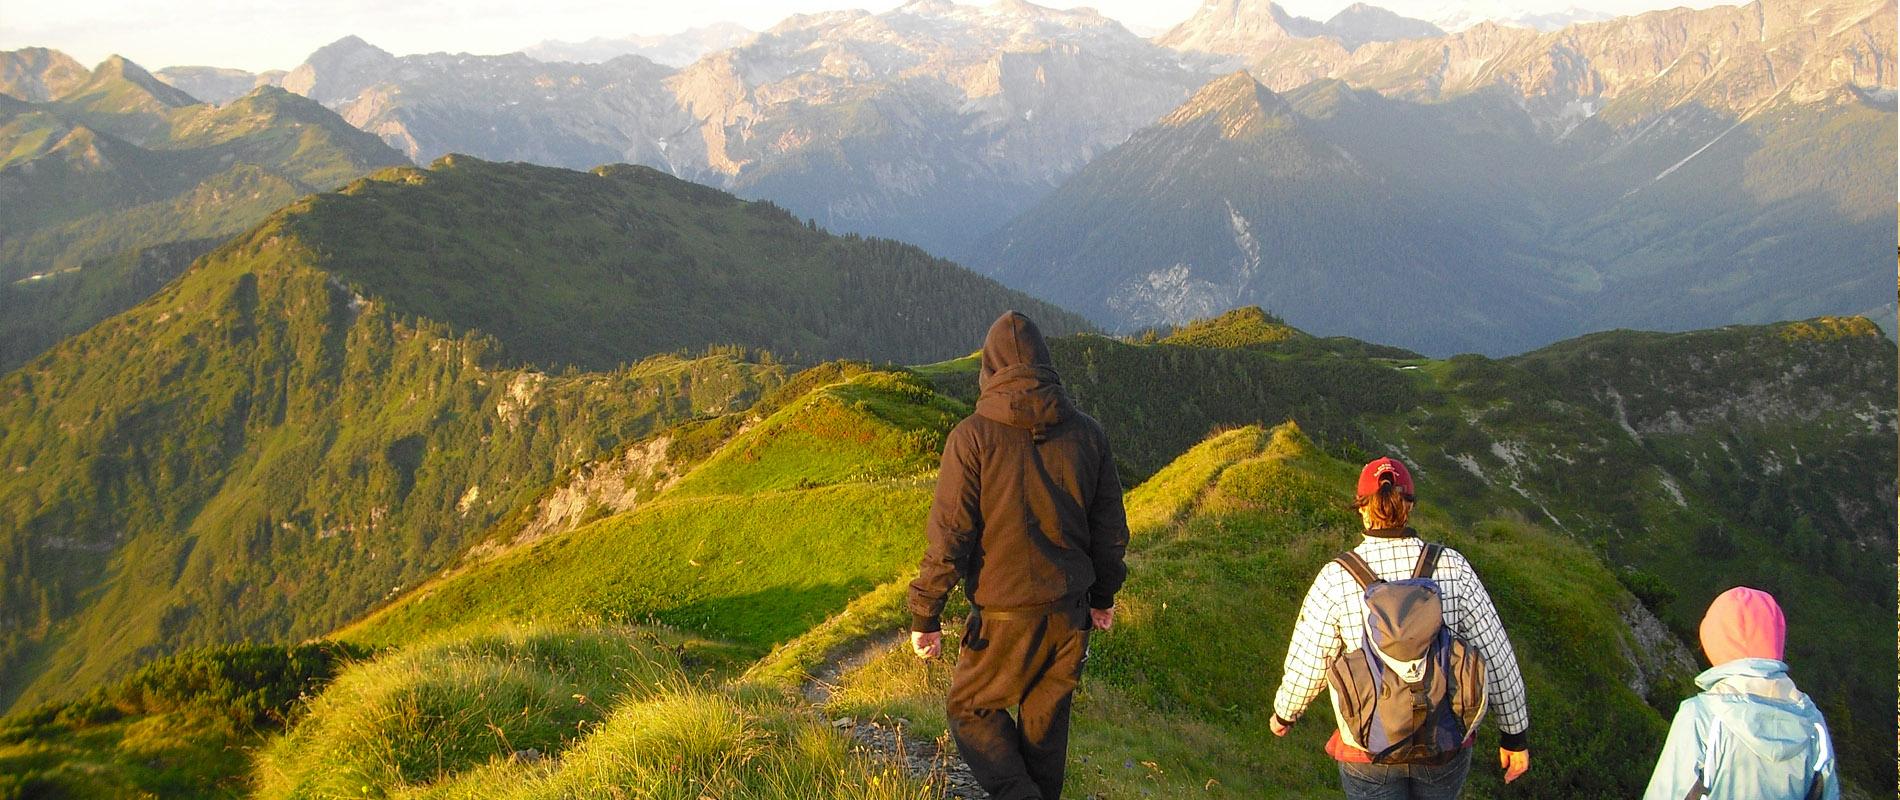 Wandern Salzburger Berge Flachau Hotel Tauernhof Wanderurlaub Entschleunigen für die Gesundheit